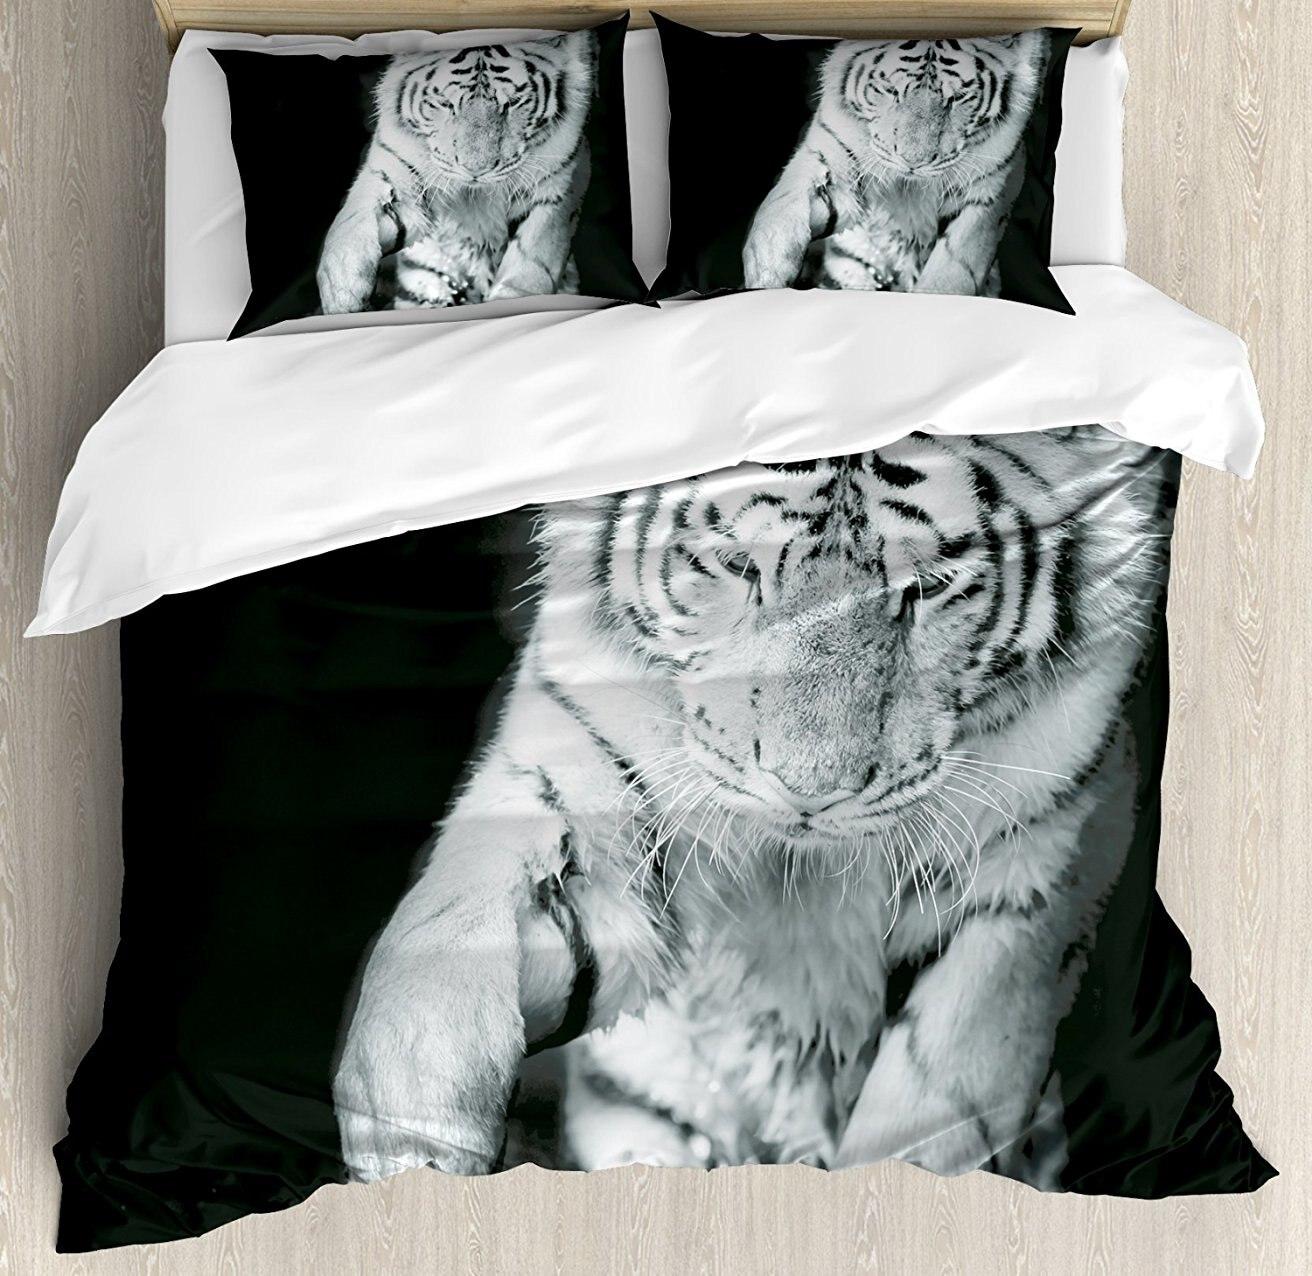 Tigre housse de couette ensemble noir et blanc Image de grand chat jouer avec l'eau Cool animaux Fun Hunter 4 pièces ensemble de literie